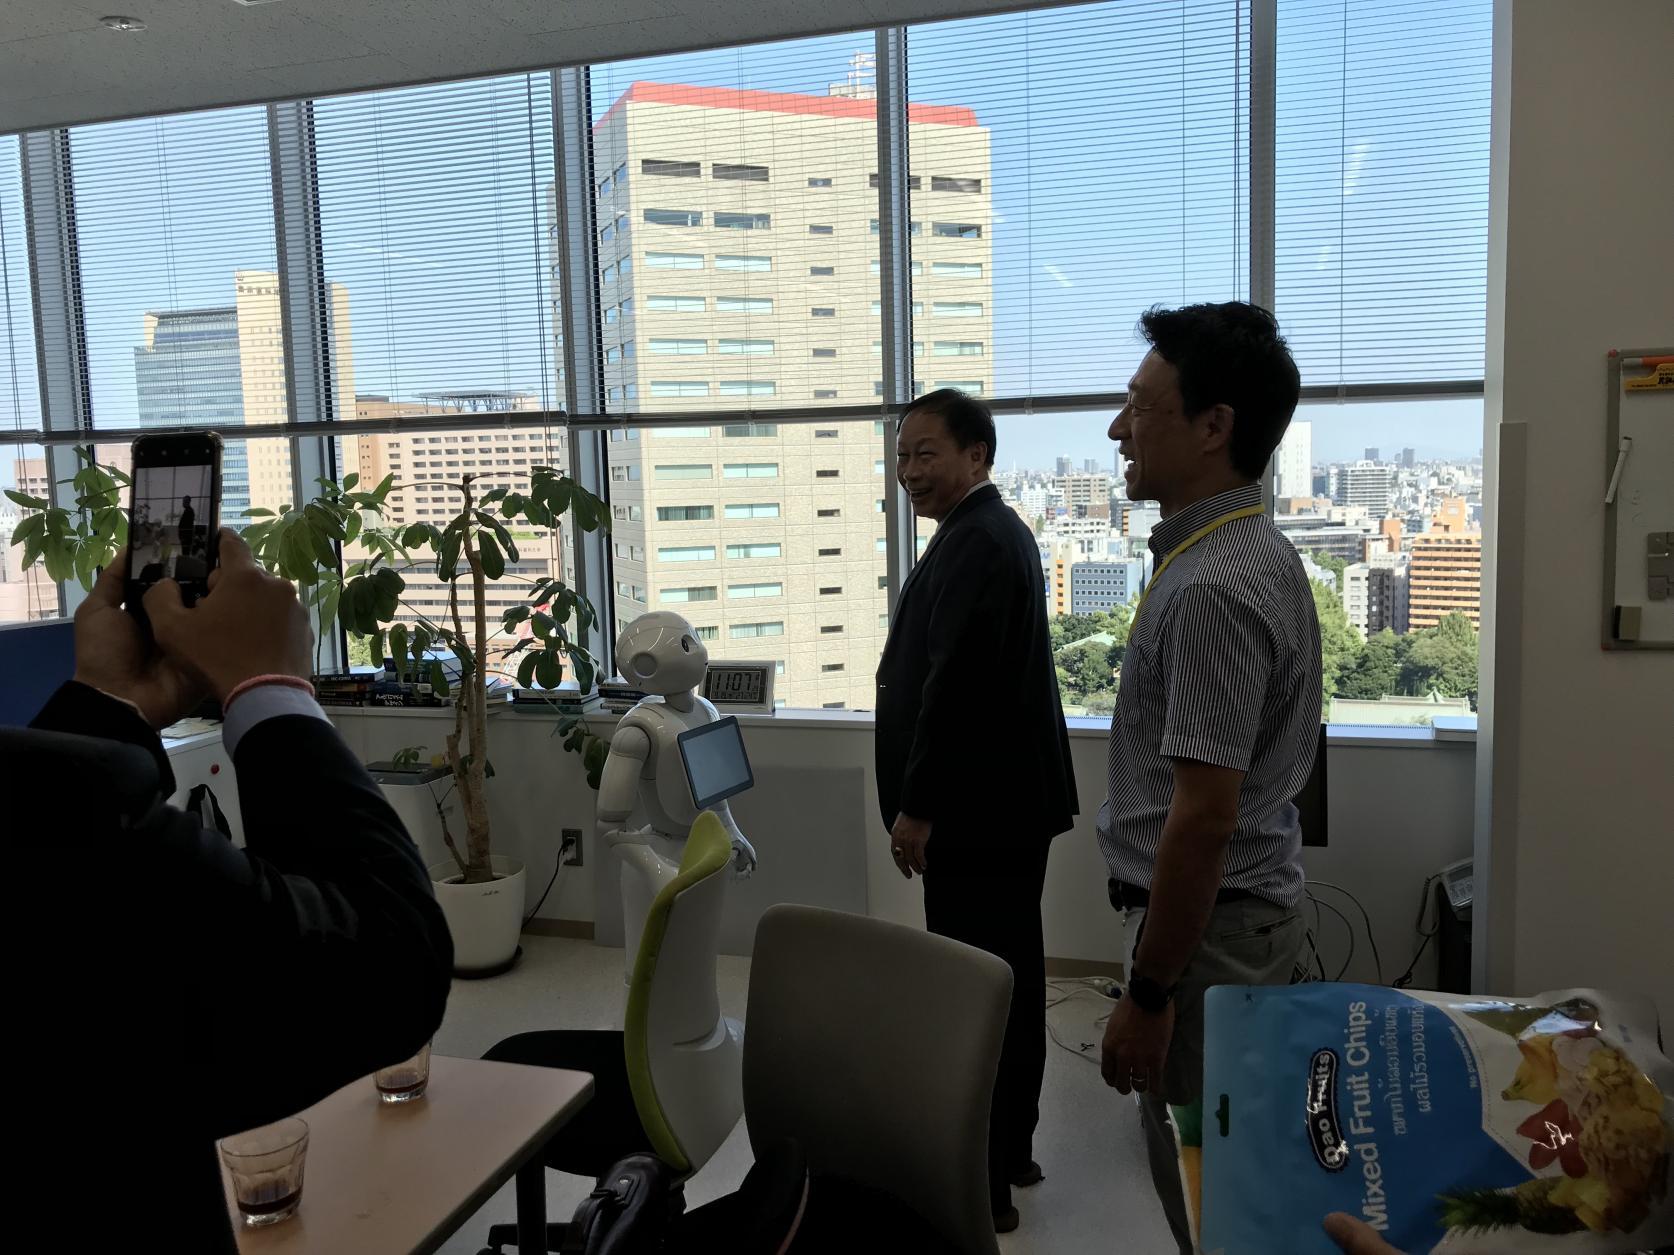 ラオスにおける地域医療ネットワーク構築に関わり、ラオス保健科学大学学長一行が電気工学科 戸田研究室を訪問くださいました。